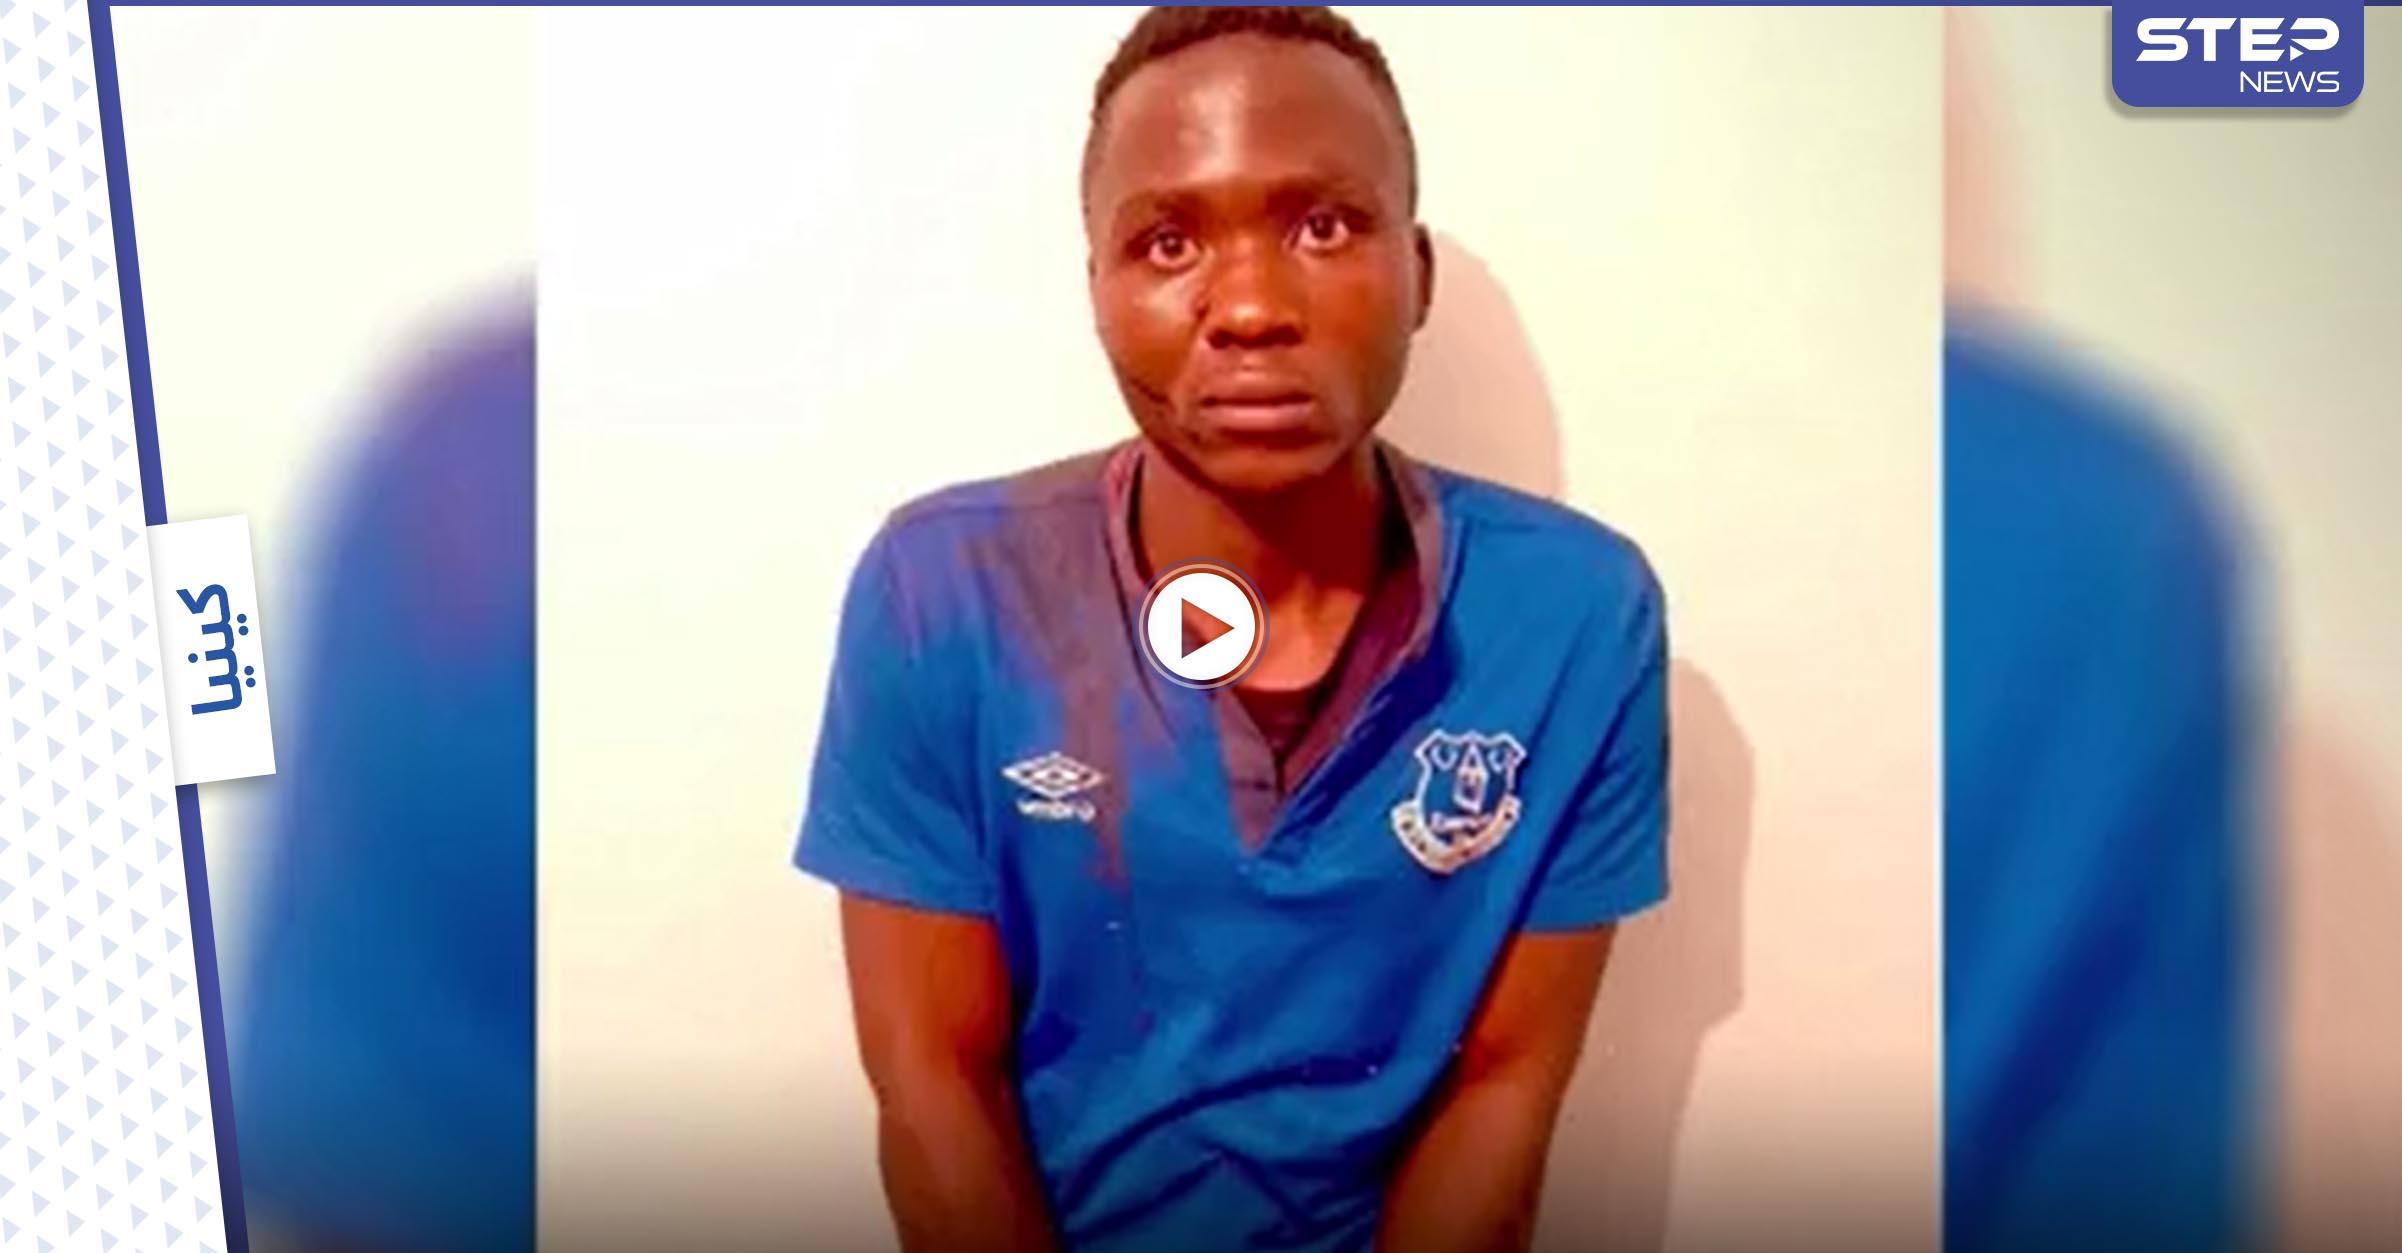 بالفيديو   كينيا تقبض على مصاص دماء حقيقي واعترافات صادمة من الأخير